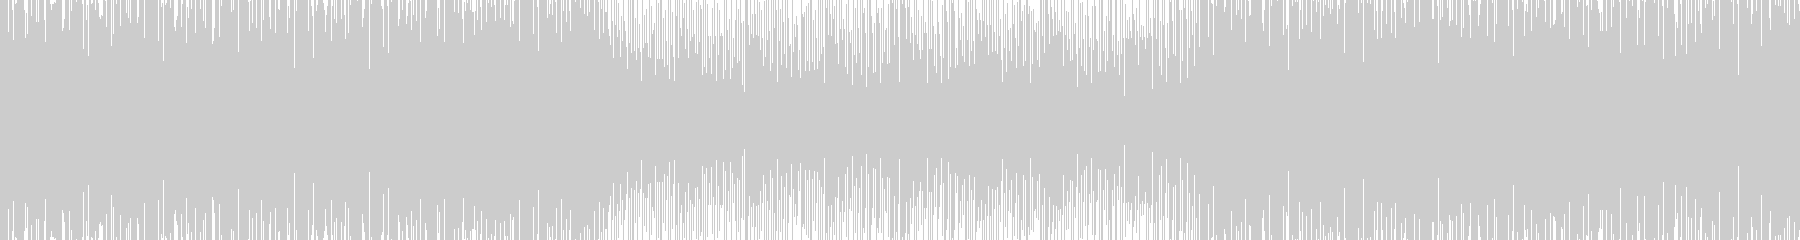 切迫感のあるBGMの未再生の波形